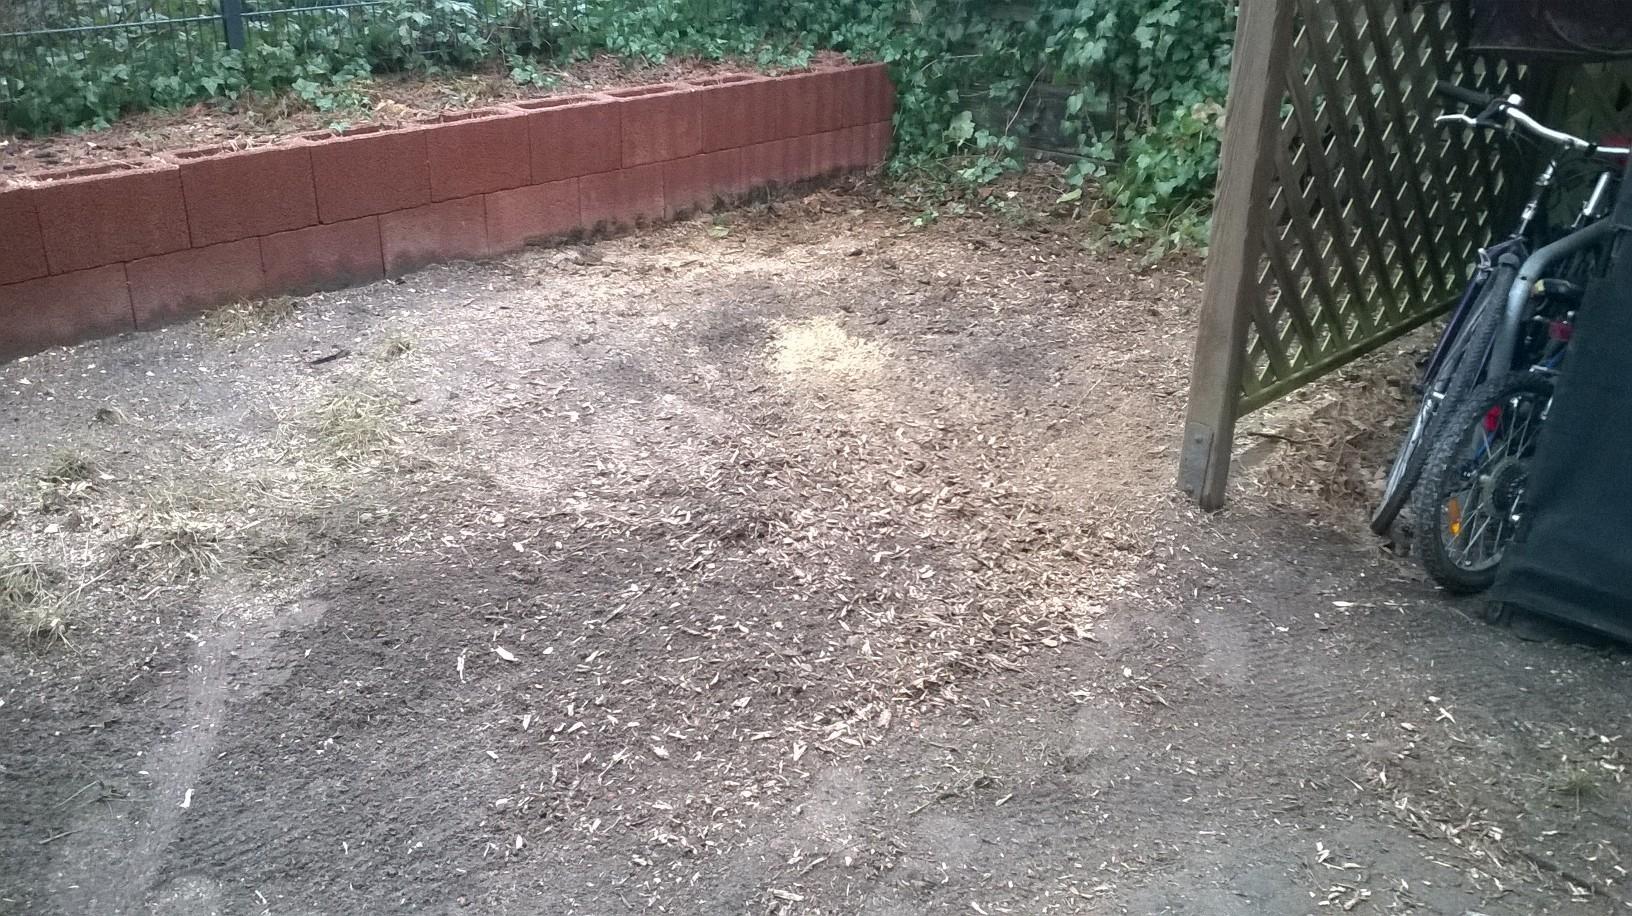 Fläche fertig zur Rasenaussaat oder Bepflanzung.